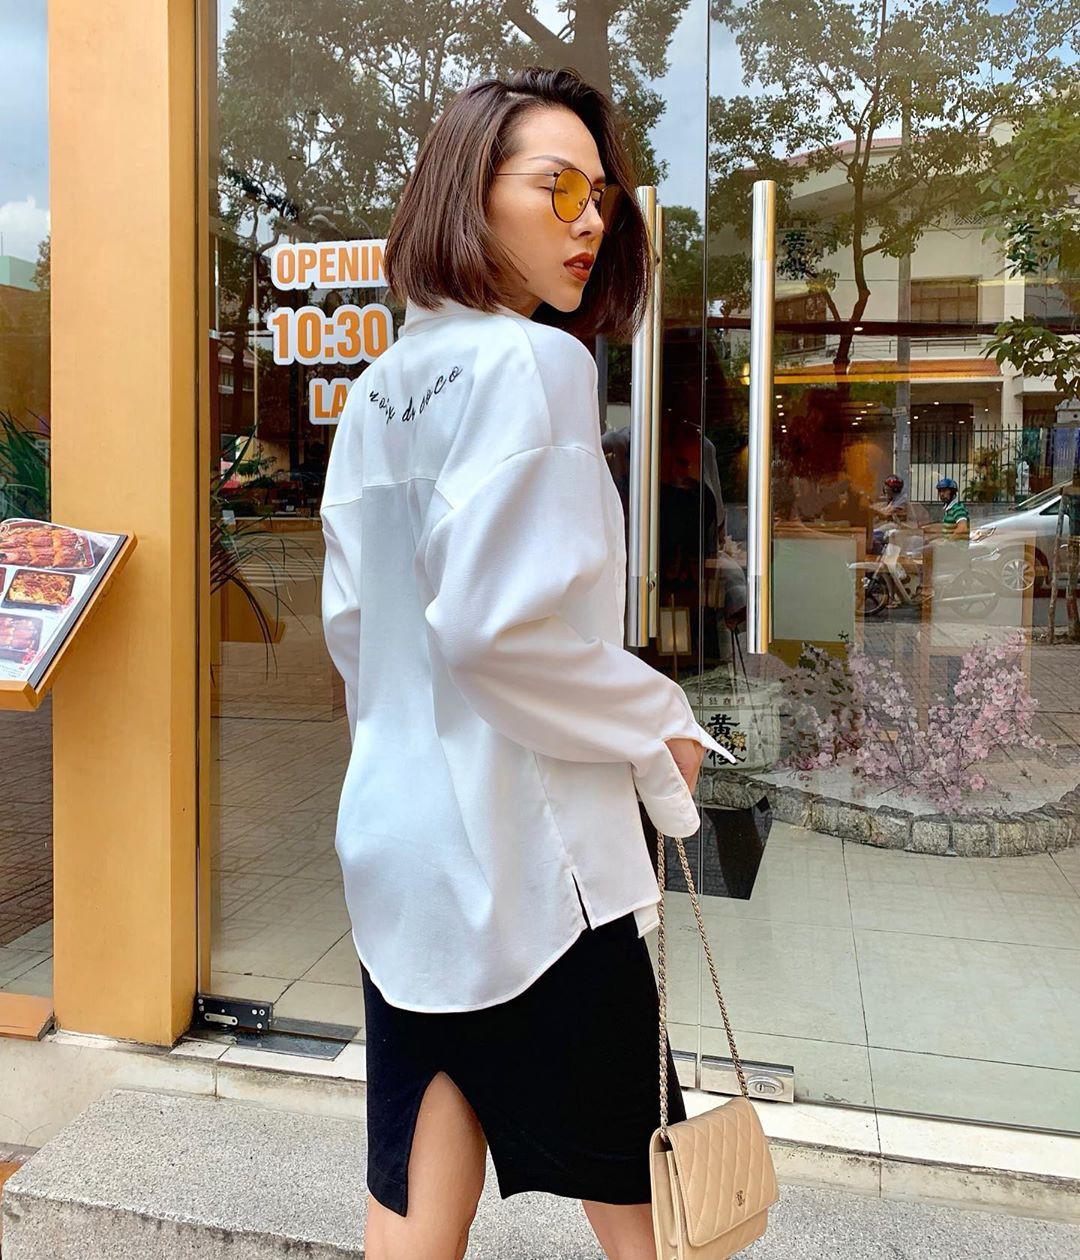 Nàng công sở không bao giờ lo mặc xấu, nếu biết 12 công thức diện áo sơ mi trắng tuyệt xinh từ các mỹ nhân Việt-12